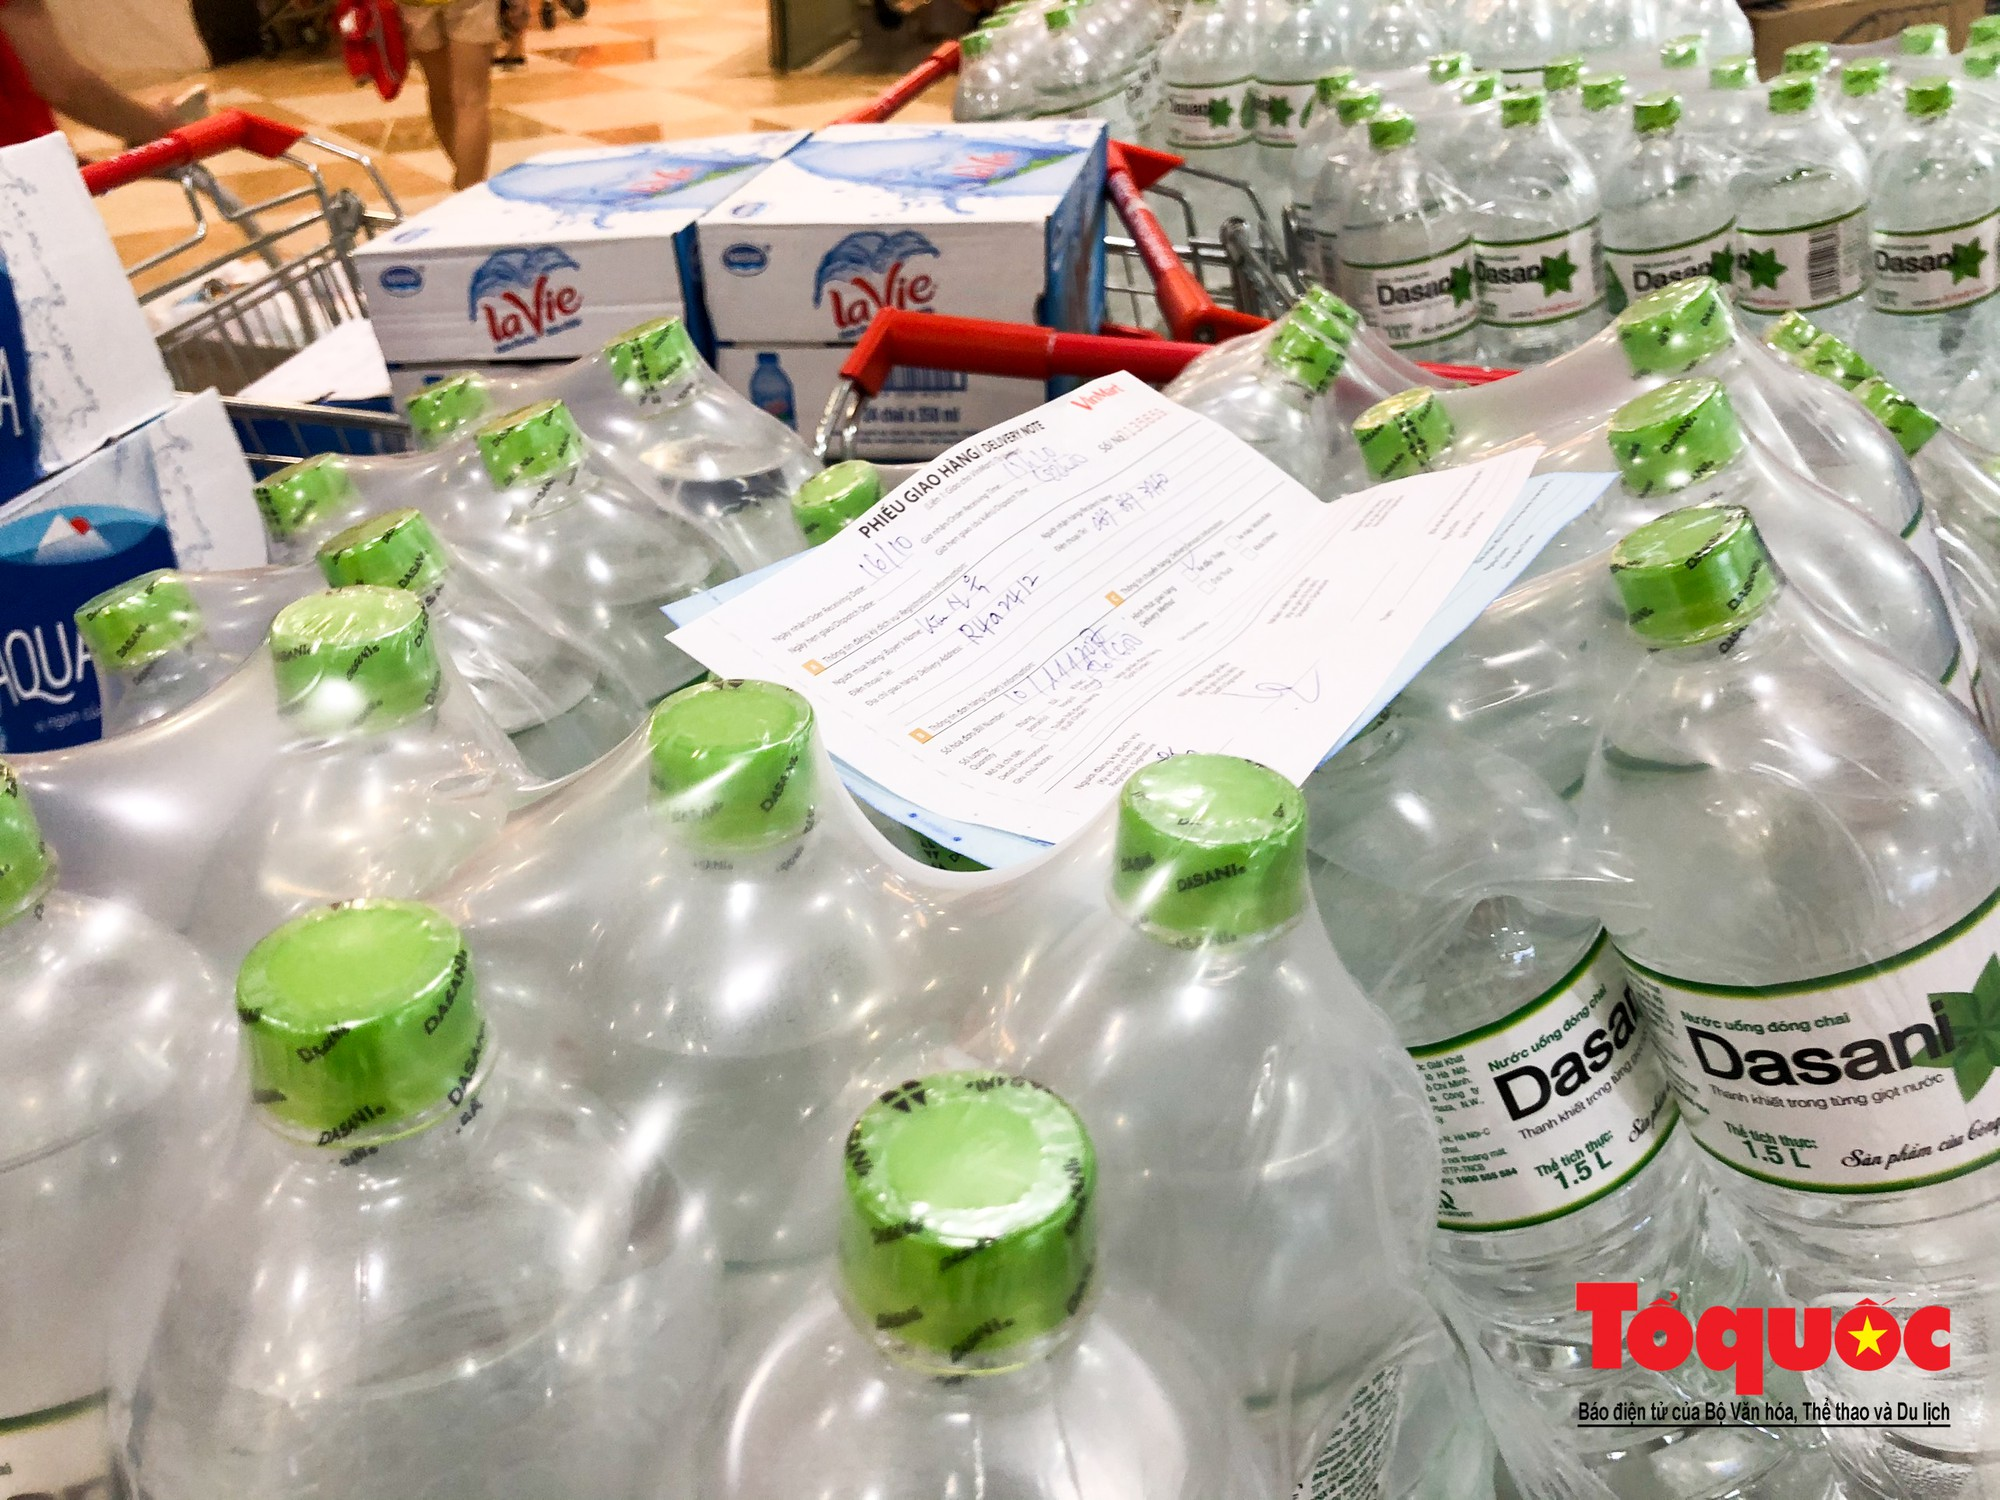 Sợ nước bẩn, người dân đổ xô đến các siêu thi mua nước đóng chai10